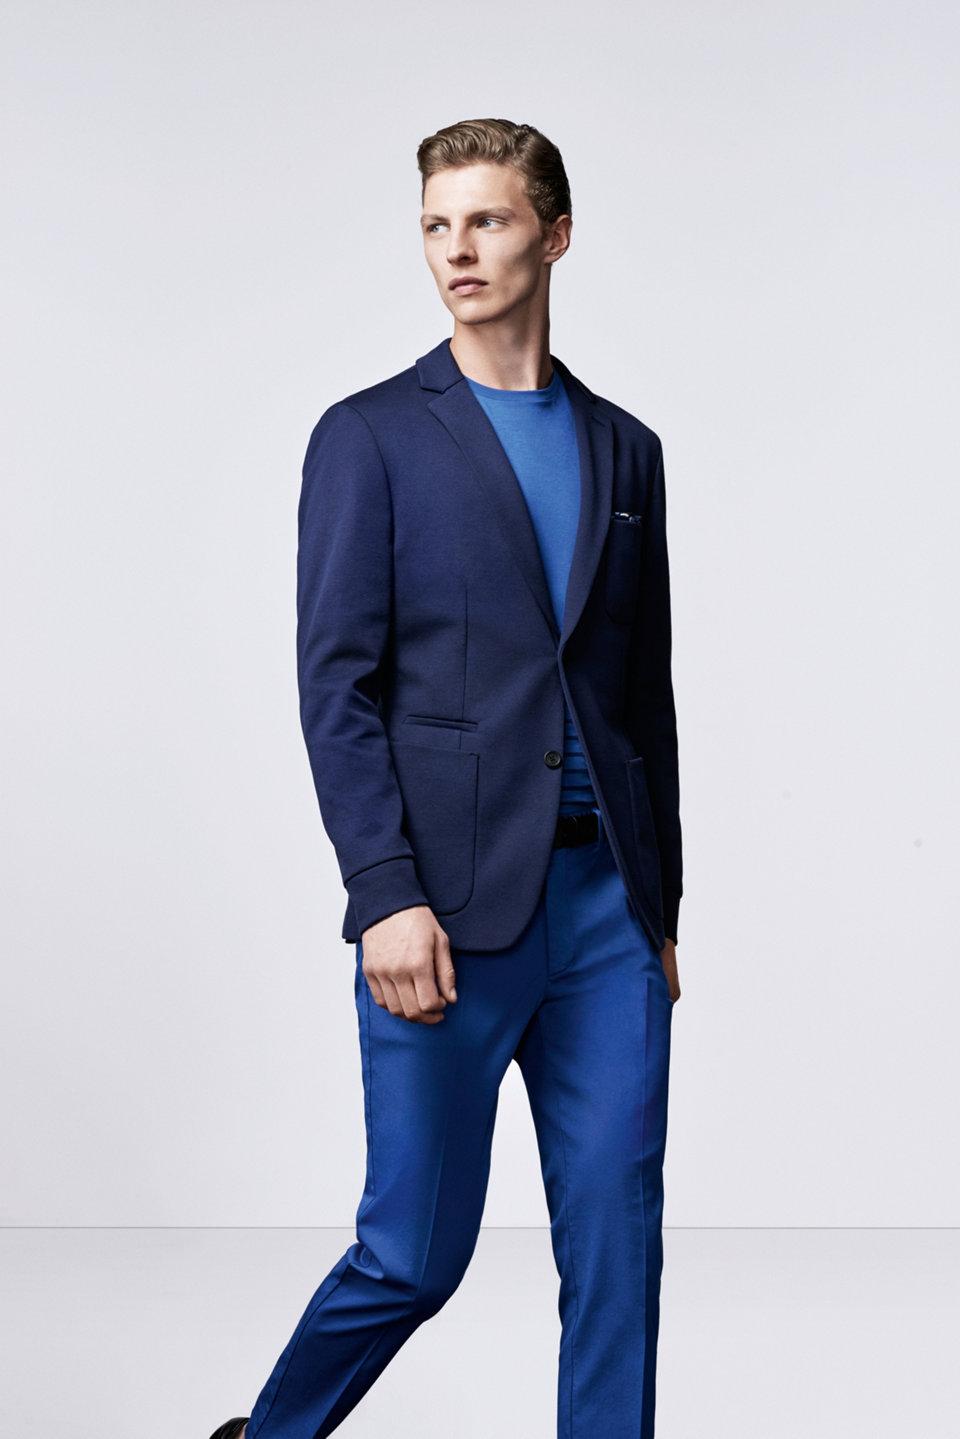 Blauwe colbert, trui en broekvanBOSS